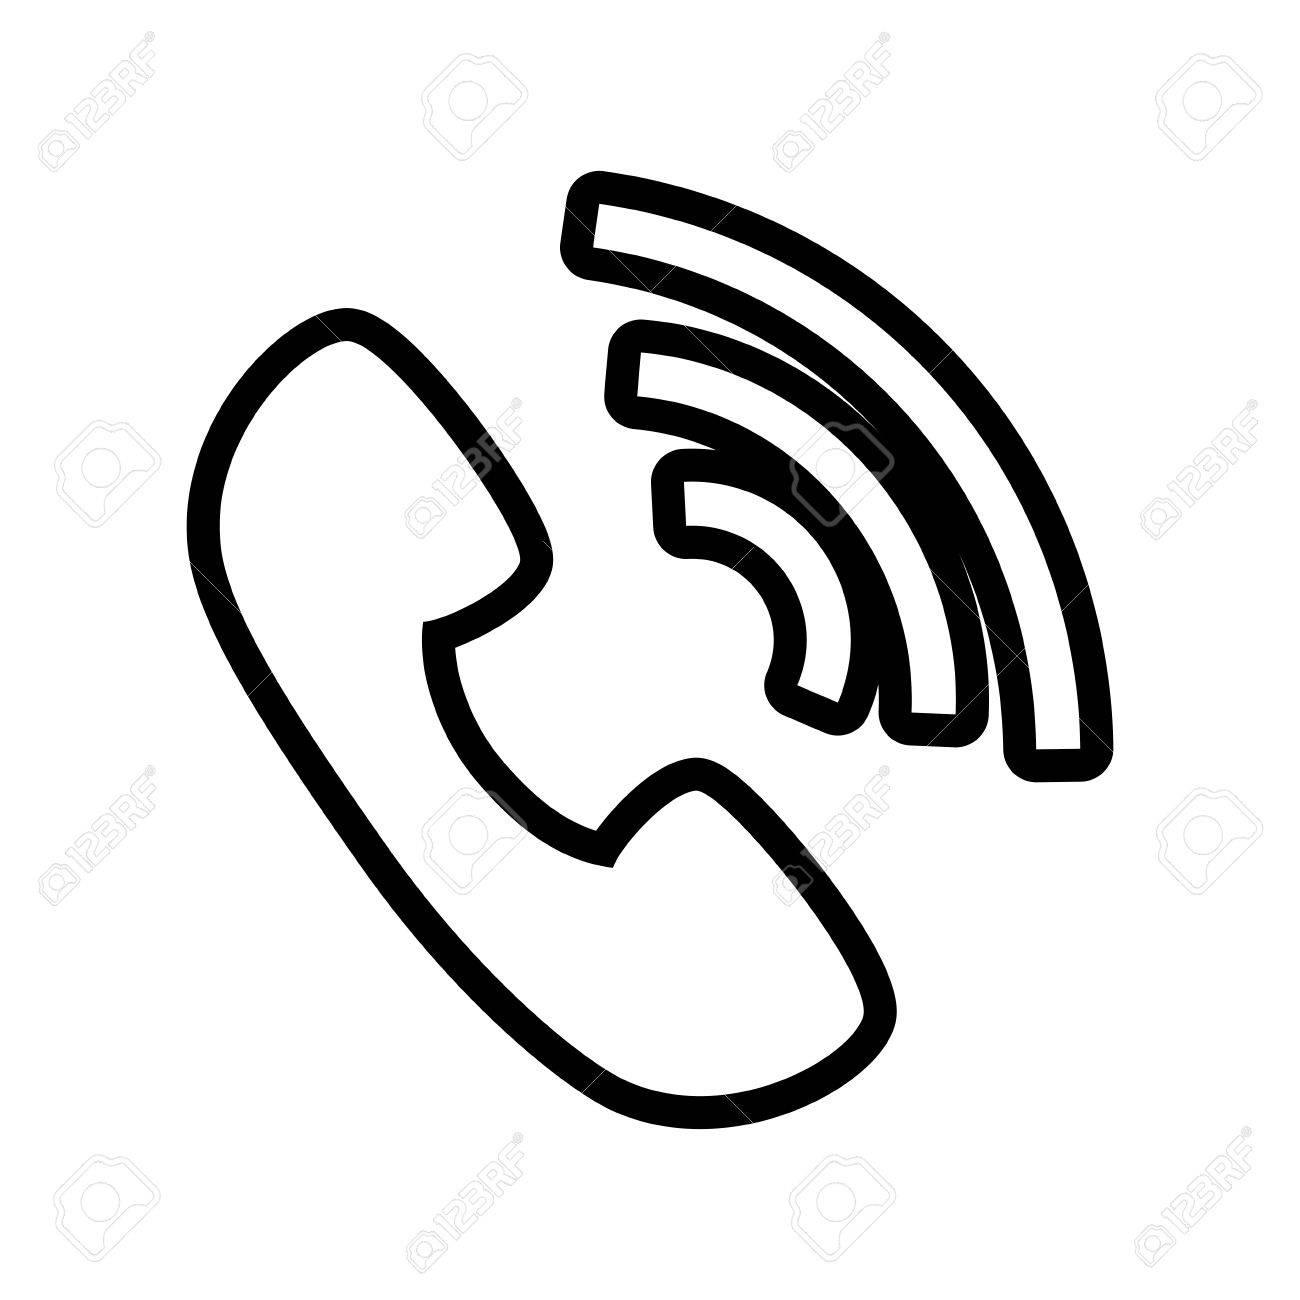 Sound Loud Volume Speaker Music Wave Symbol Vector Illustration